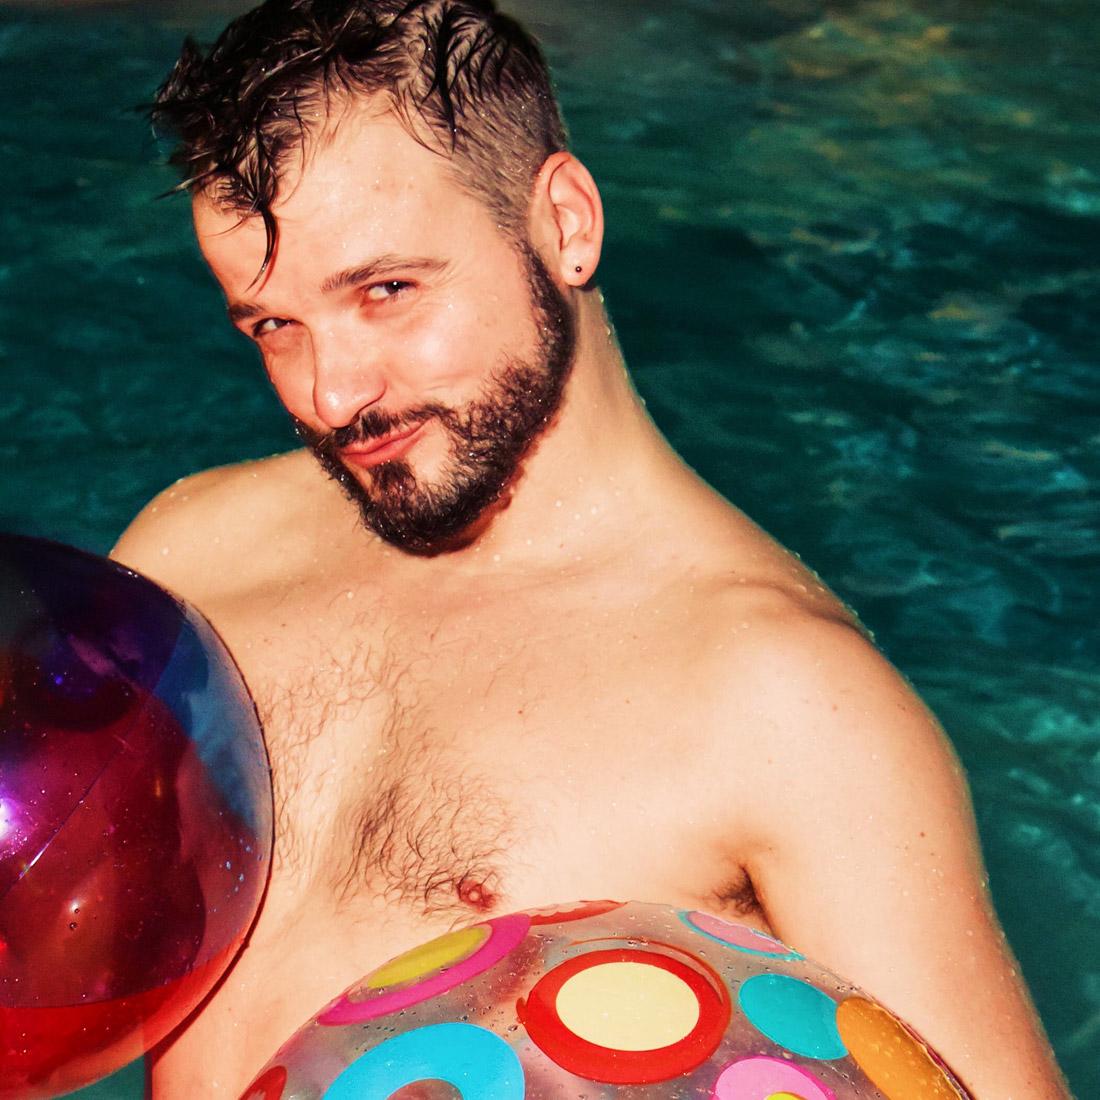 Balls gay gay